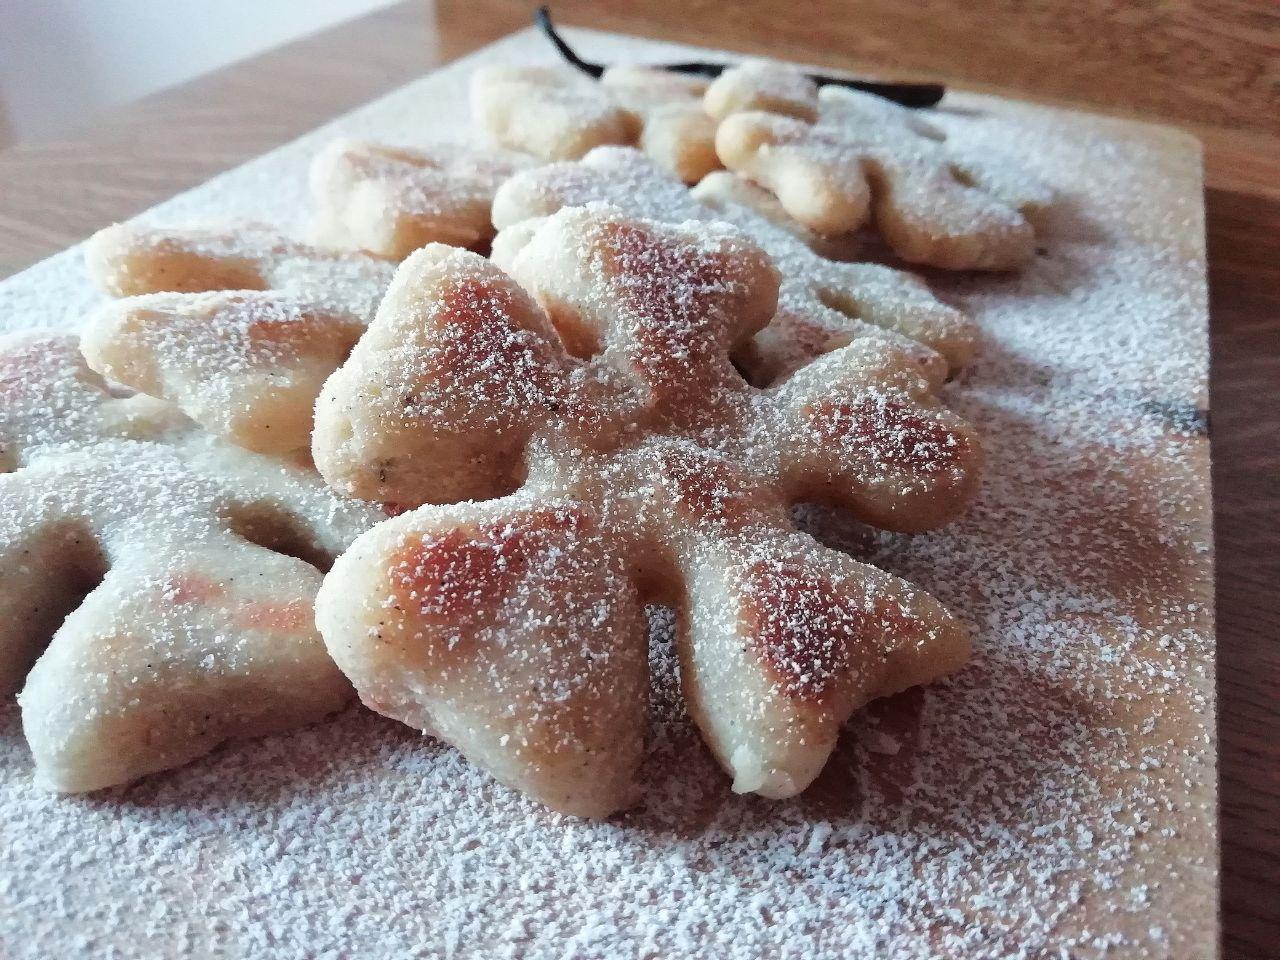 Dolci facili, leggeri e senza glutine: biscotti cannella e vaniglia, senza burro e senza uova!